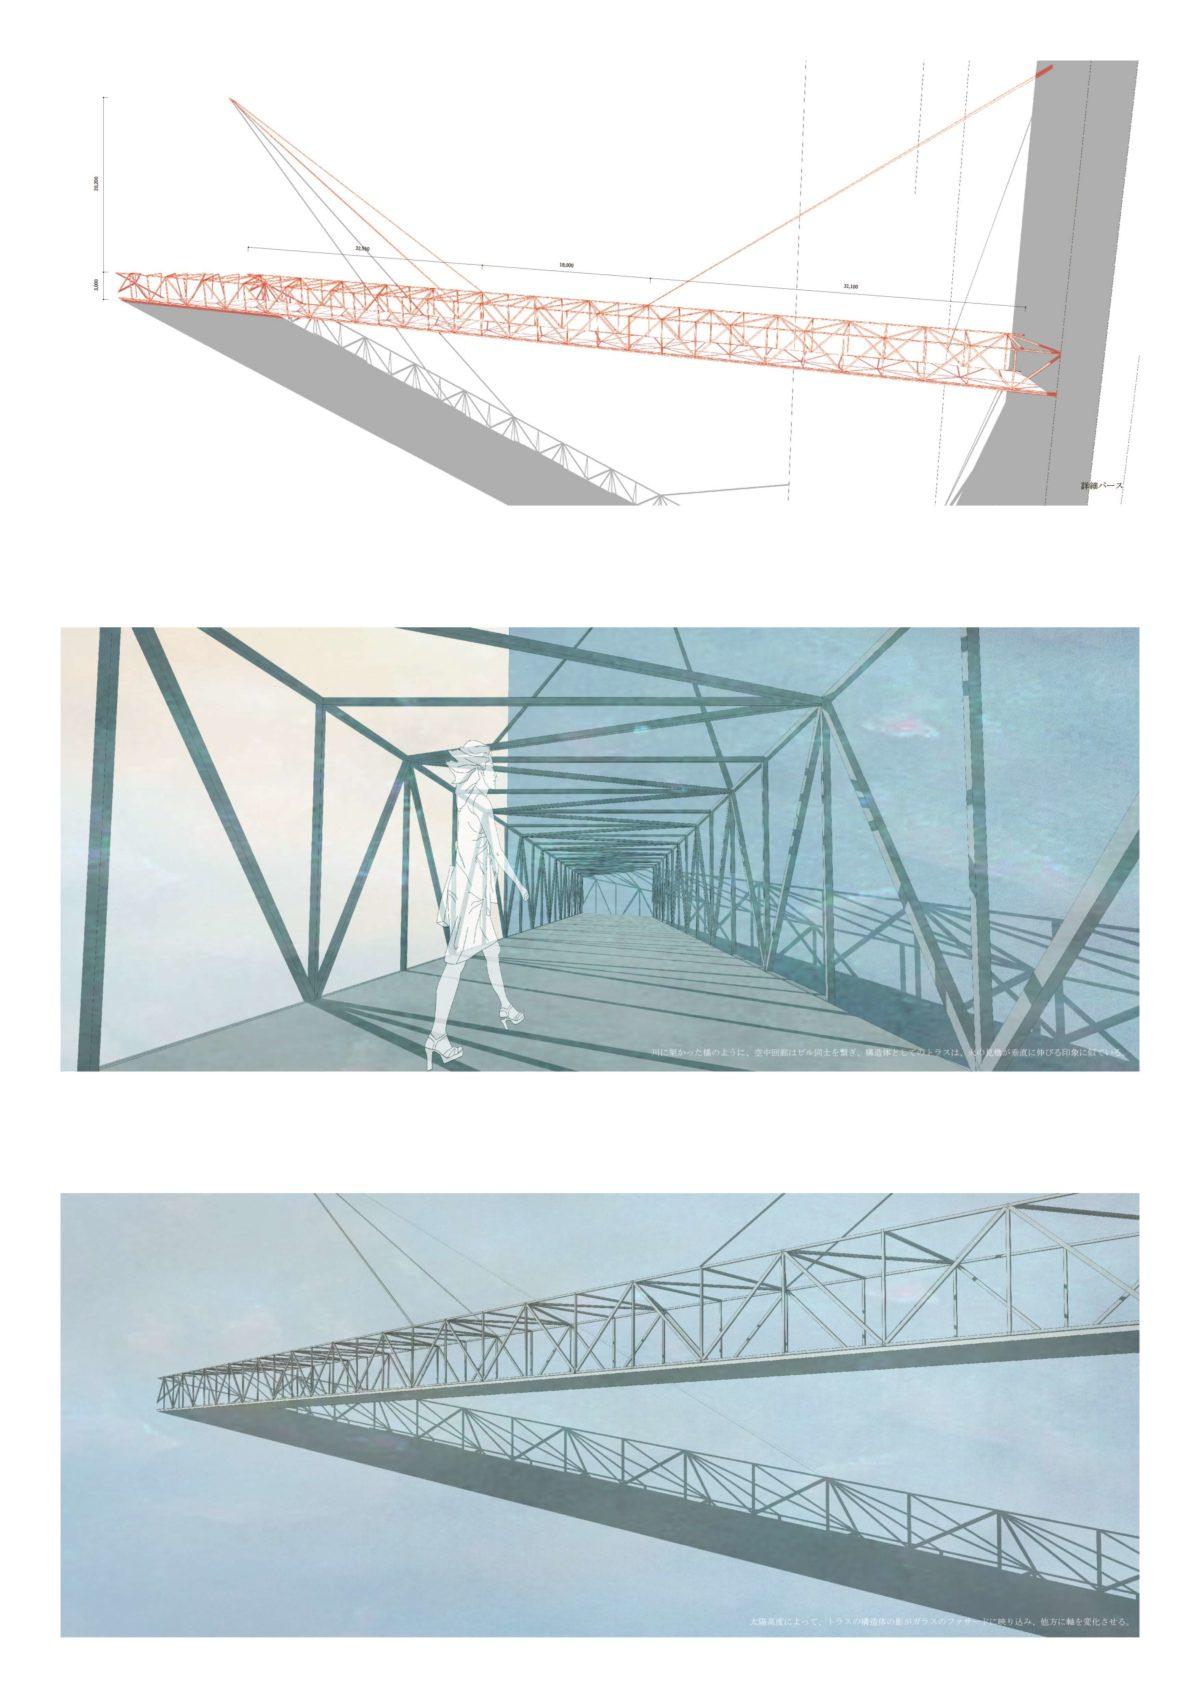 風景を想起する第五世代美術館建築 -歌川広重による名所江戸百景の分析を通して--11